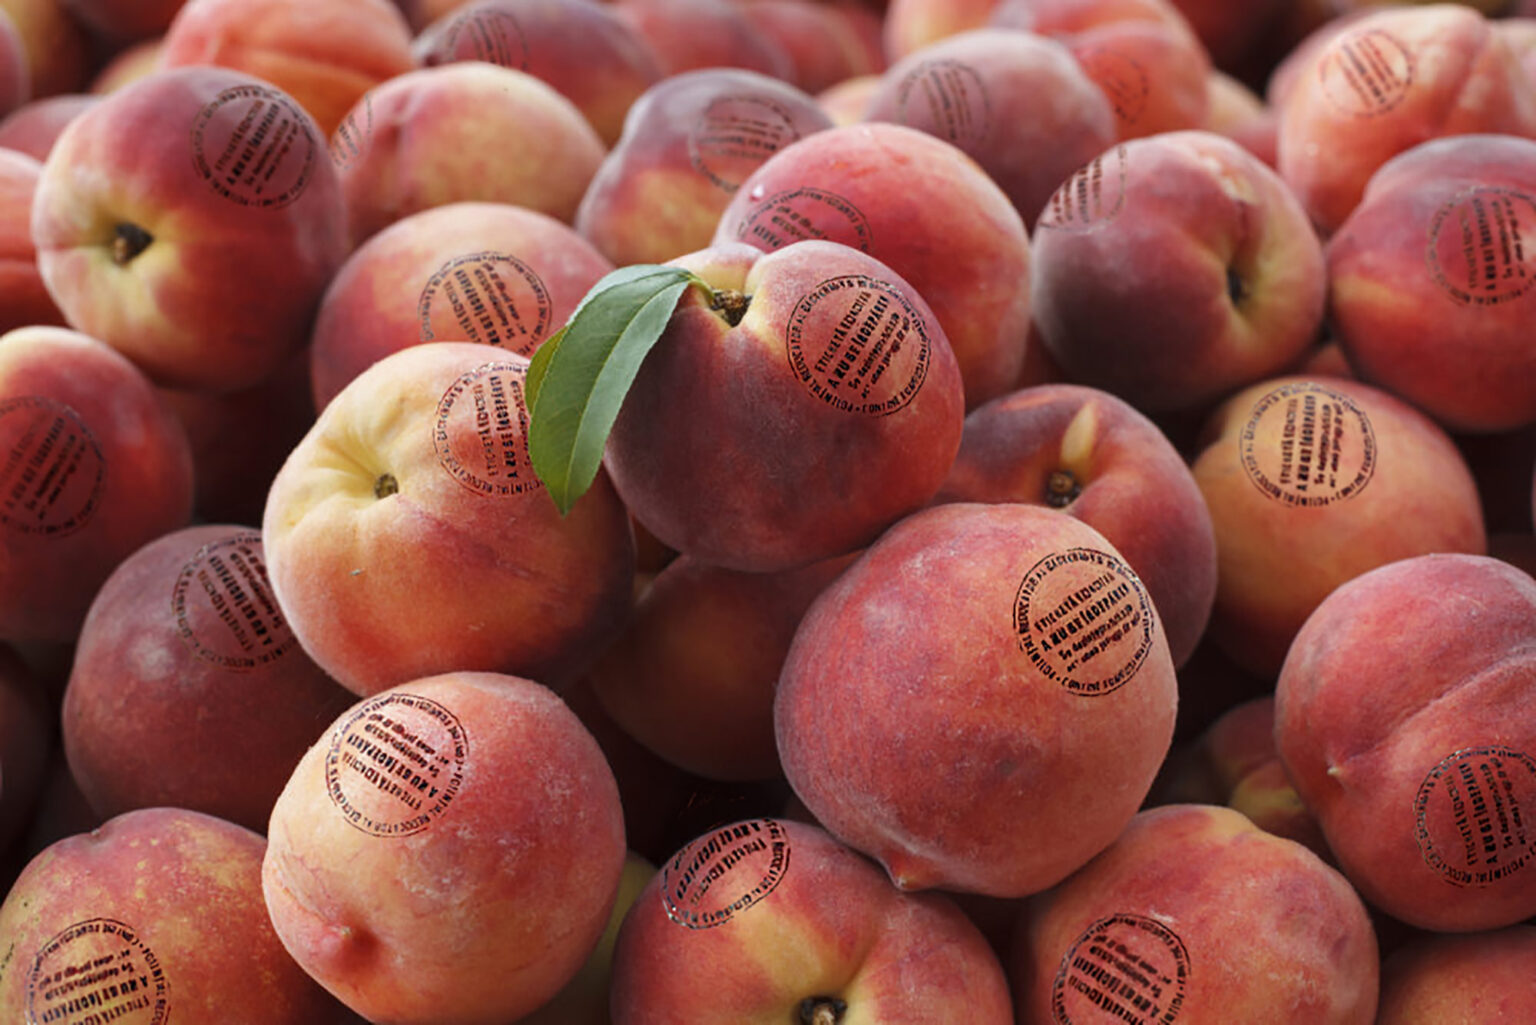 Startup-ul Peelhy vrea să revoluționeze piața igienizării fructelor și legumelor cu o bio-etichetă antimicrobiană dezvoltată în România